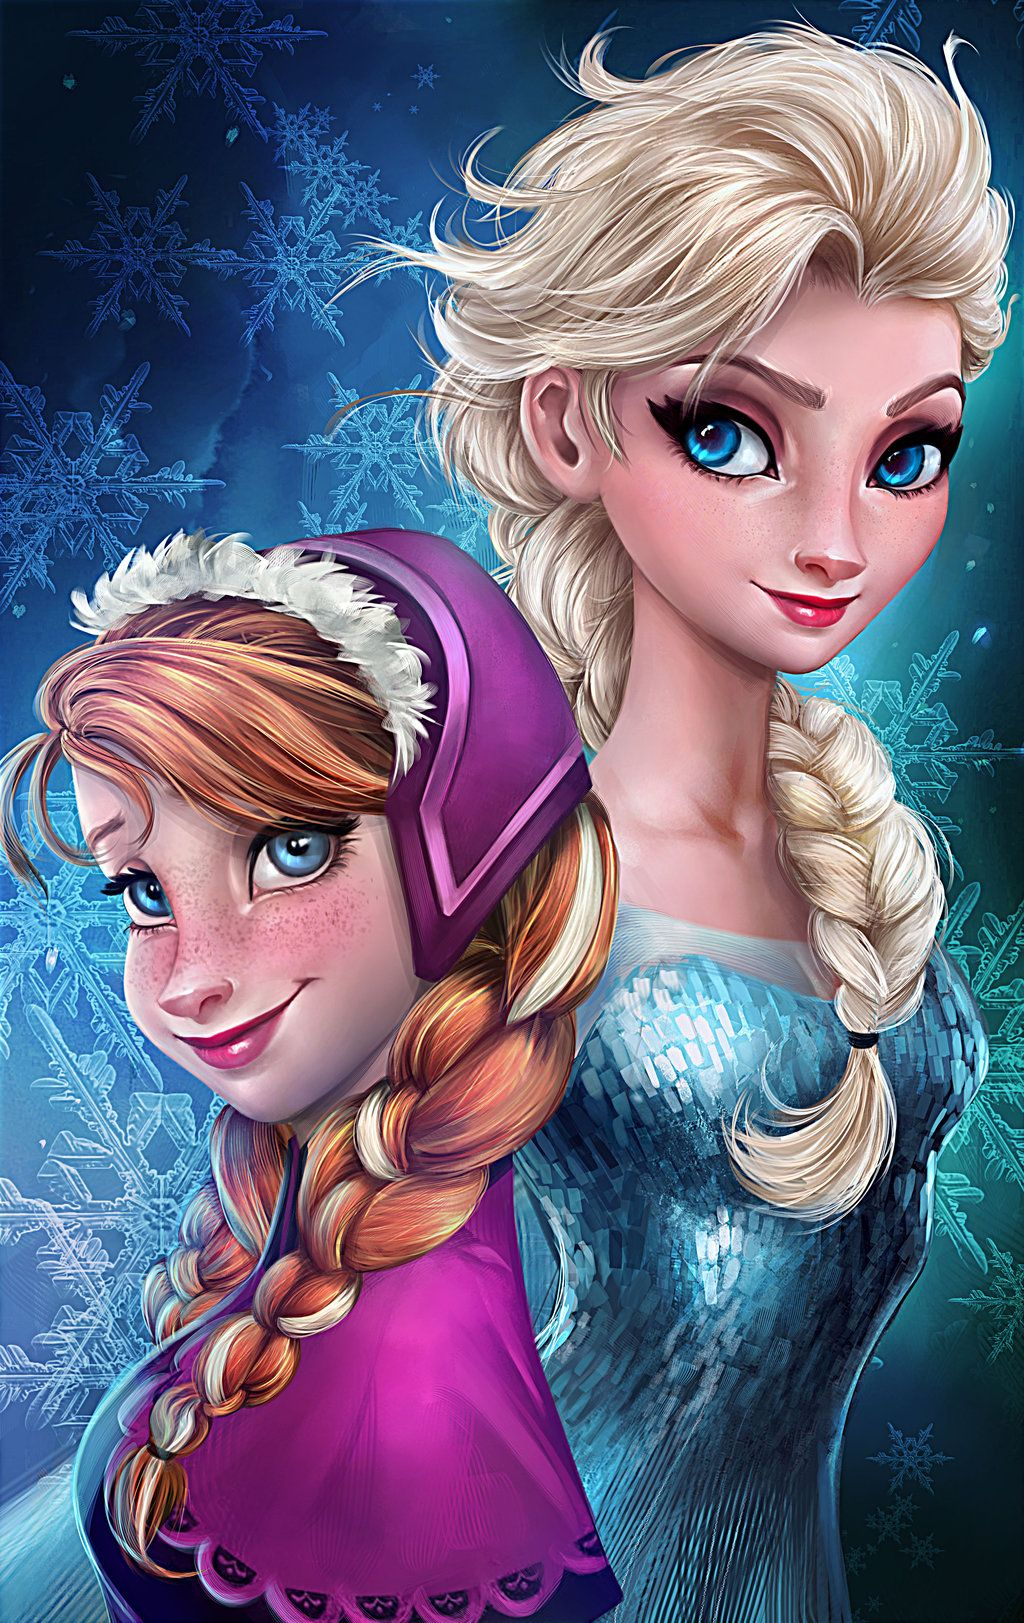 épinglé Par Lily Edwards Sur Frozen Stuff Art Disney Film La Reine Des Neiges Papier Peint Reine Des Neiges